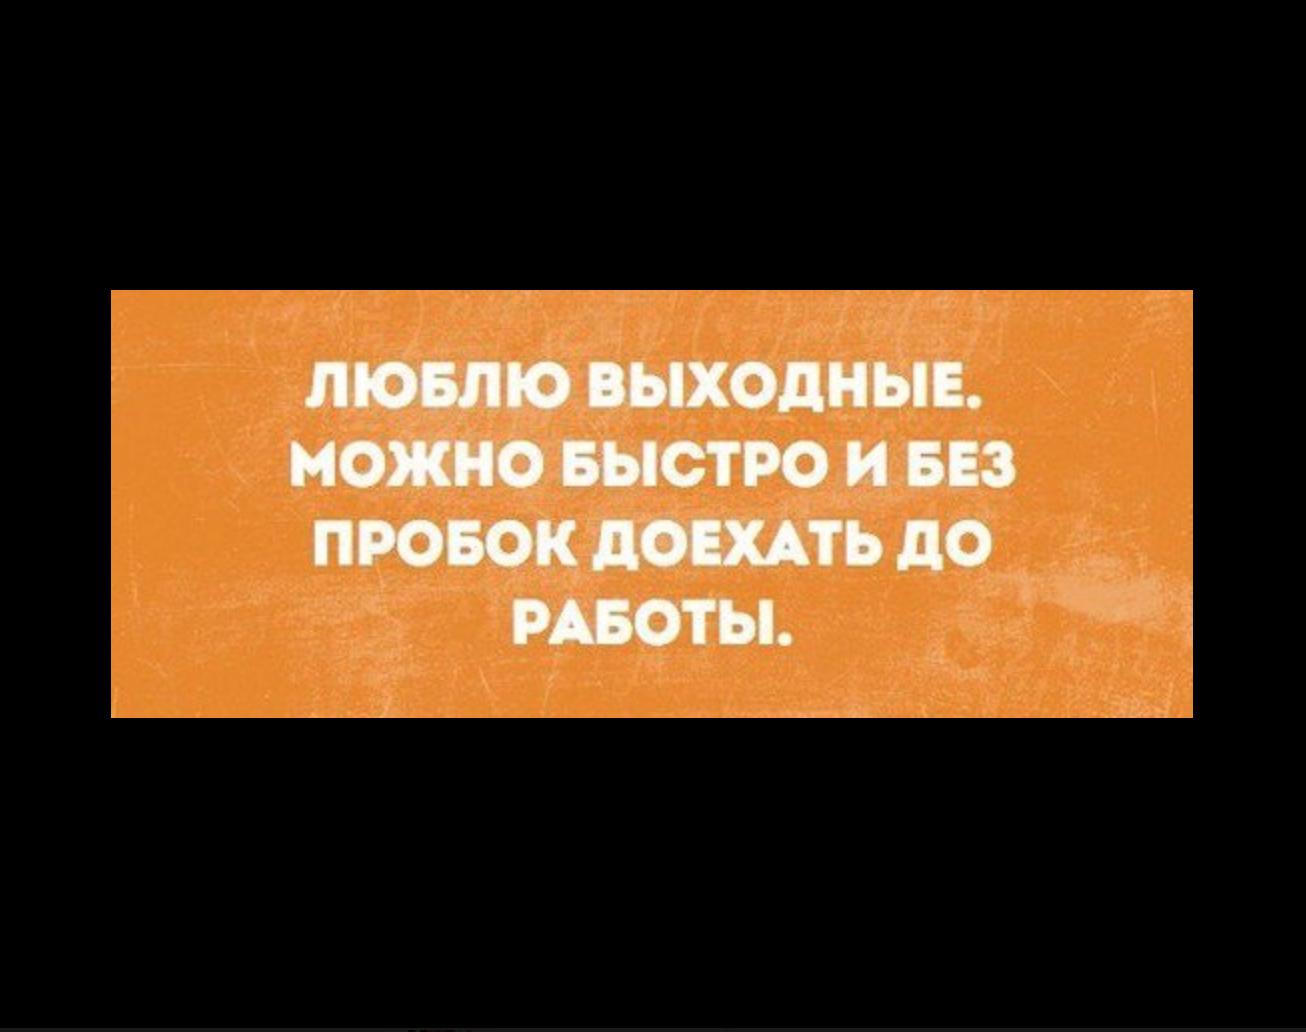 Работа в выходные в москве для девушек работа во владимире для девушек